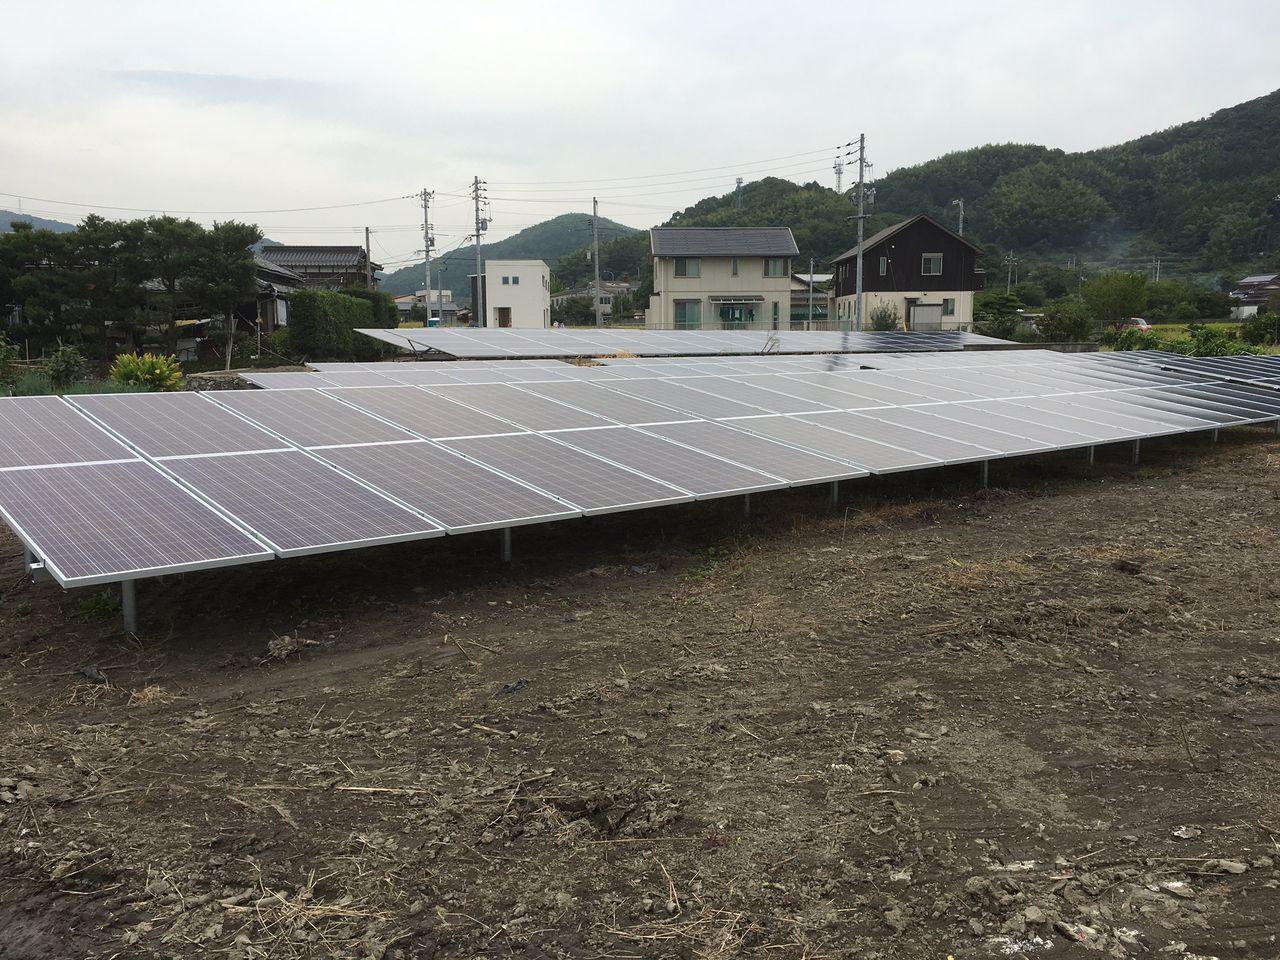 ミドルソーラーでソーラー発電大家 産業用太陽光発電のススメ